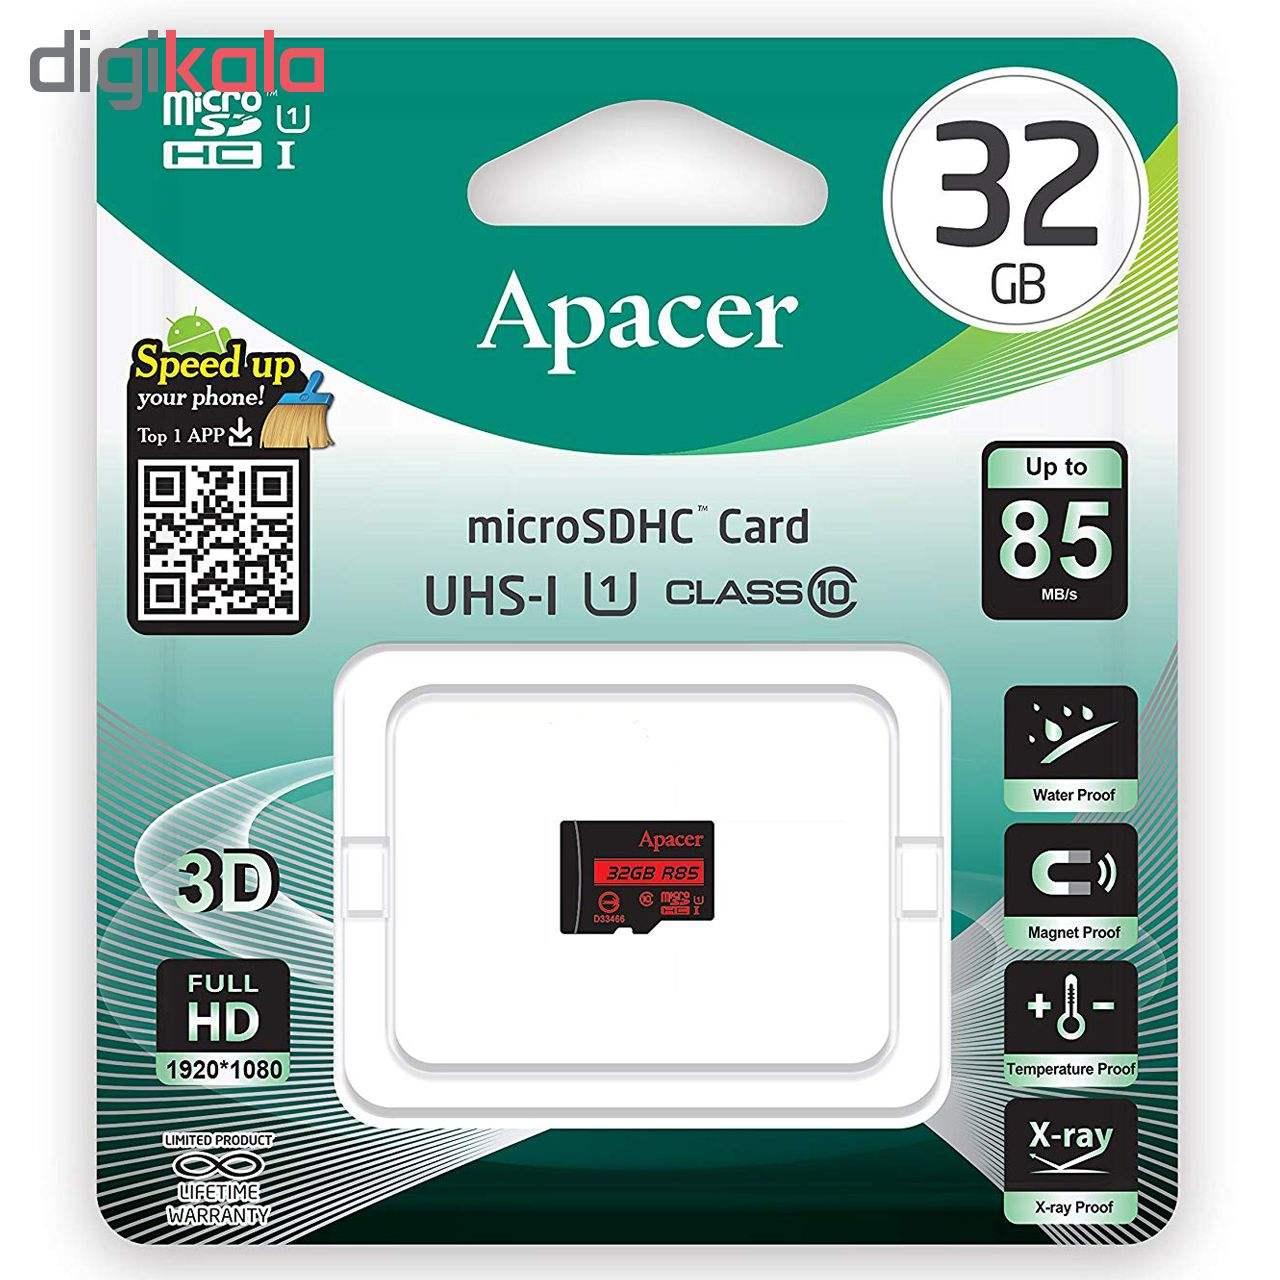 کارت حافظه microSDHC اپیسر مدل AP32G کلاس 10 استانداردUHS-I U1 سرعت 85MBps ظرفیت 32 گیگابایت  Apac